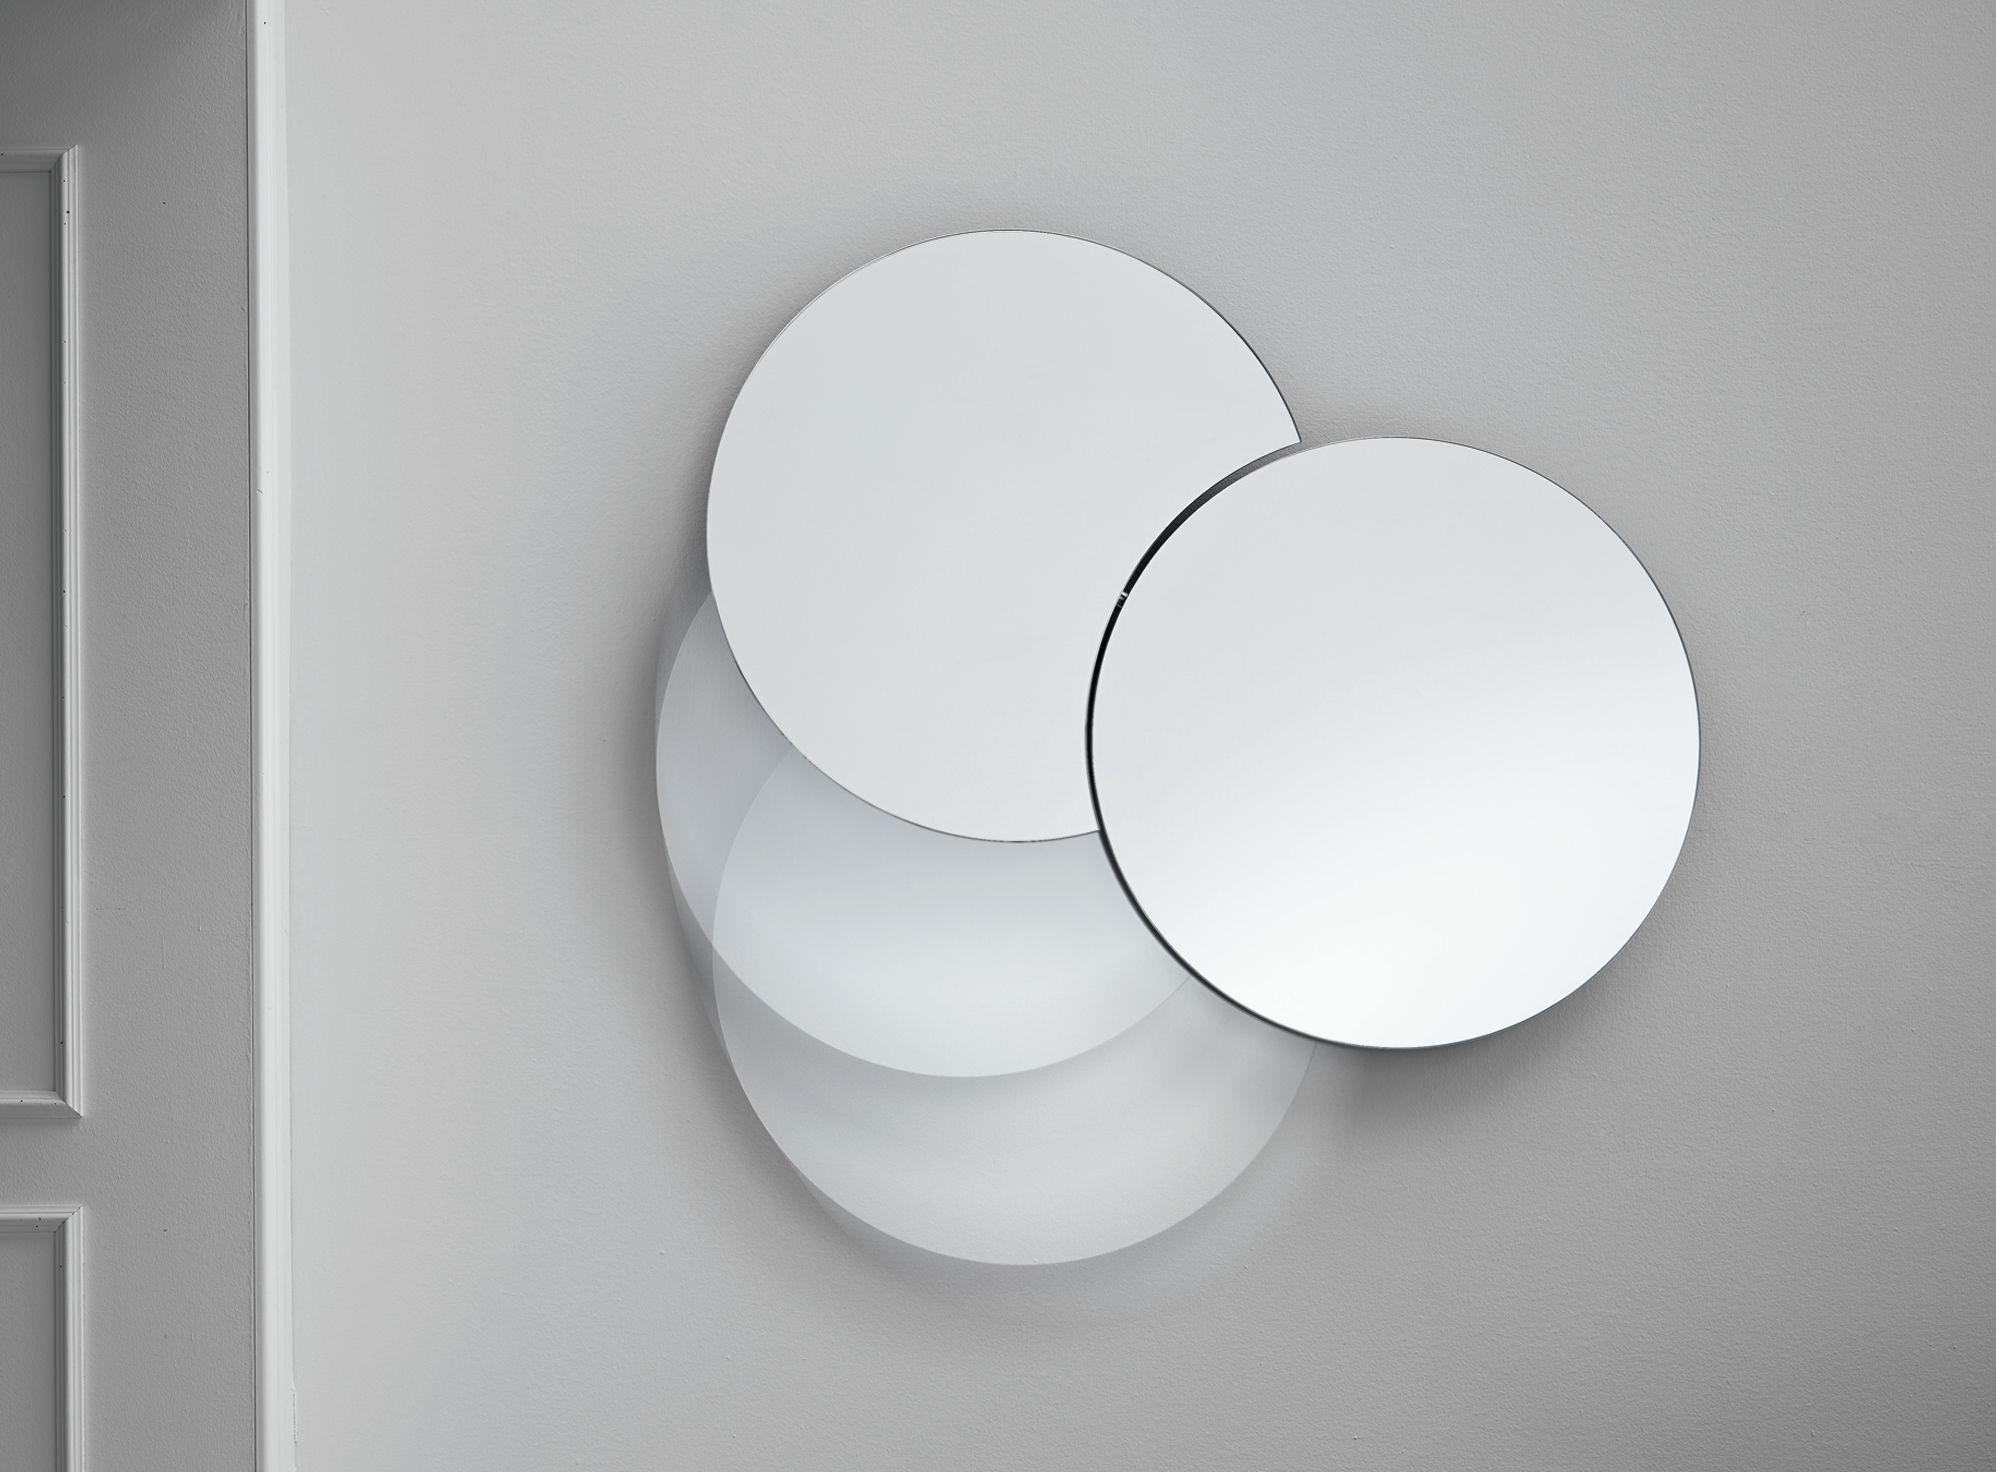 DOOORS By Tonelli Design design Matteo Ragni